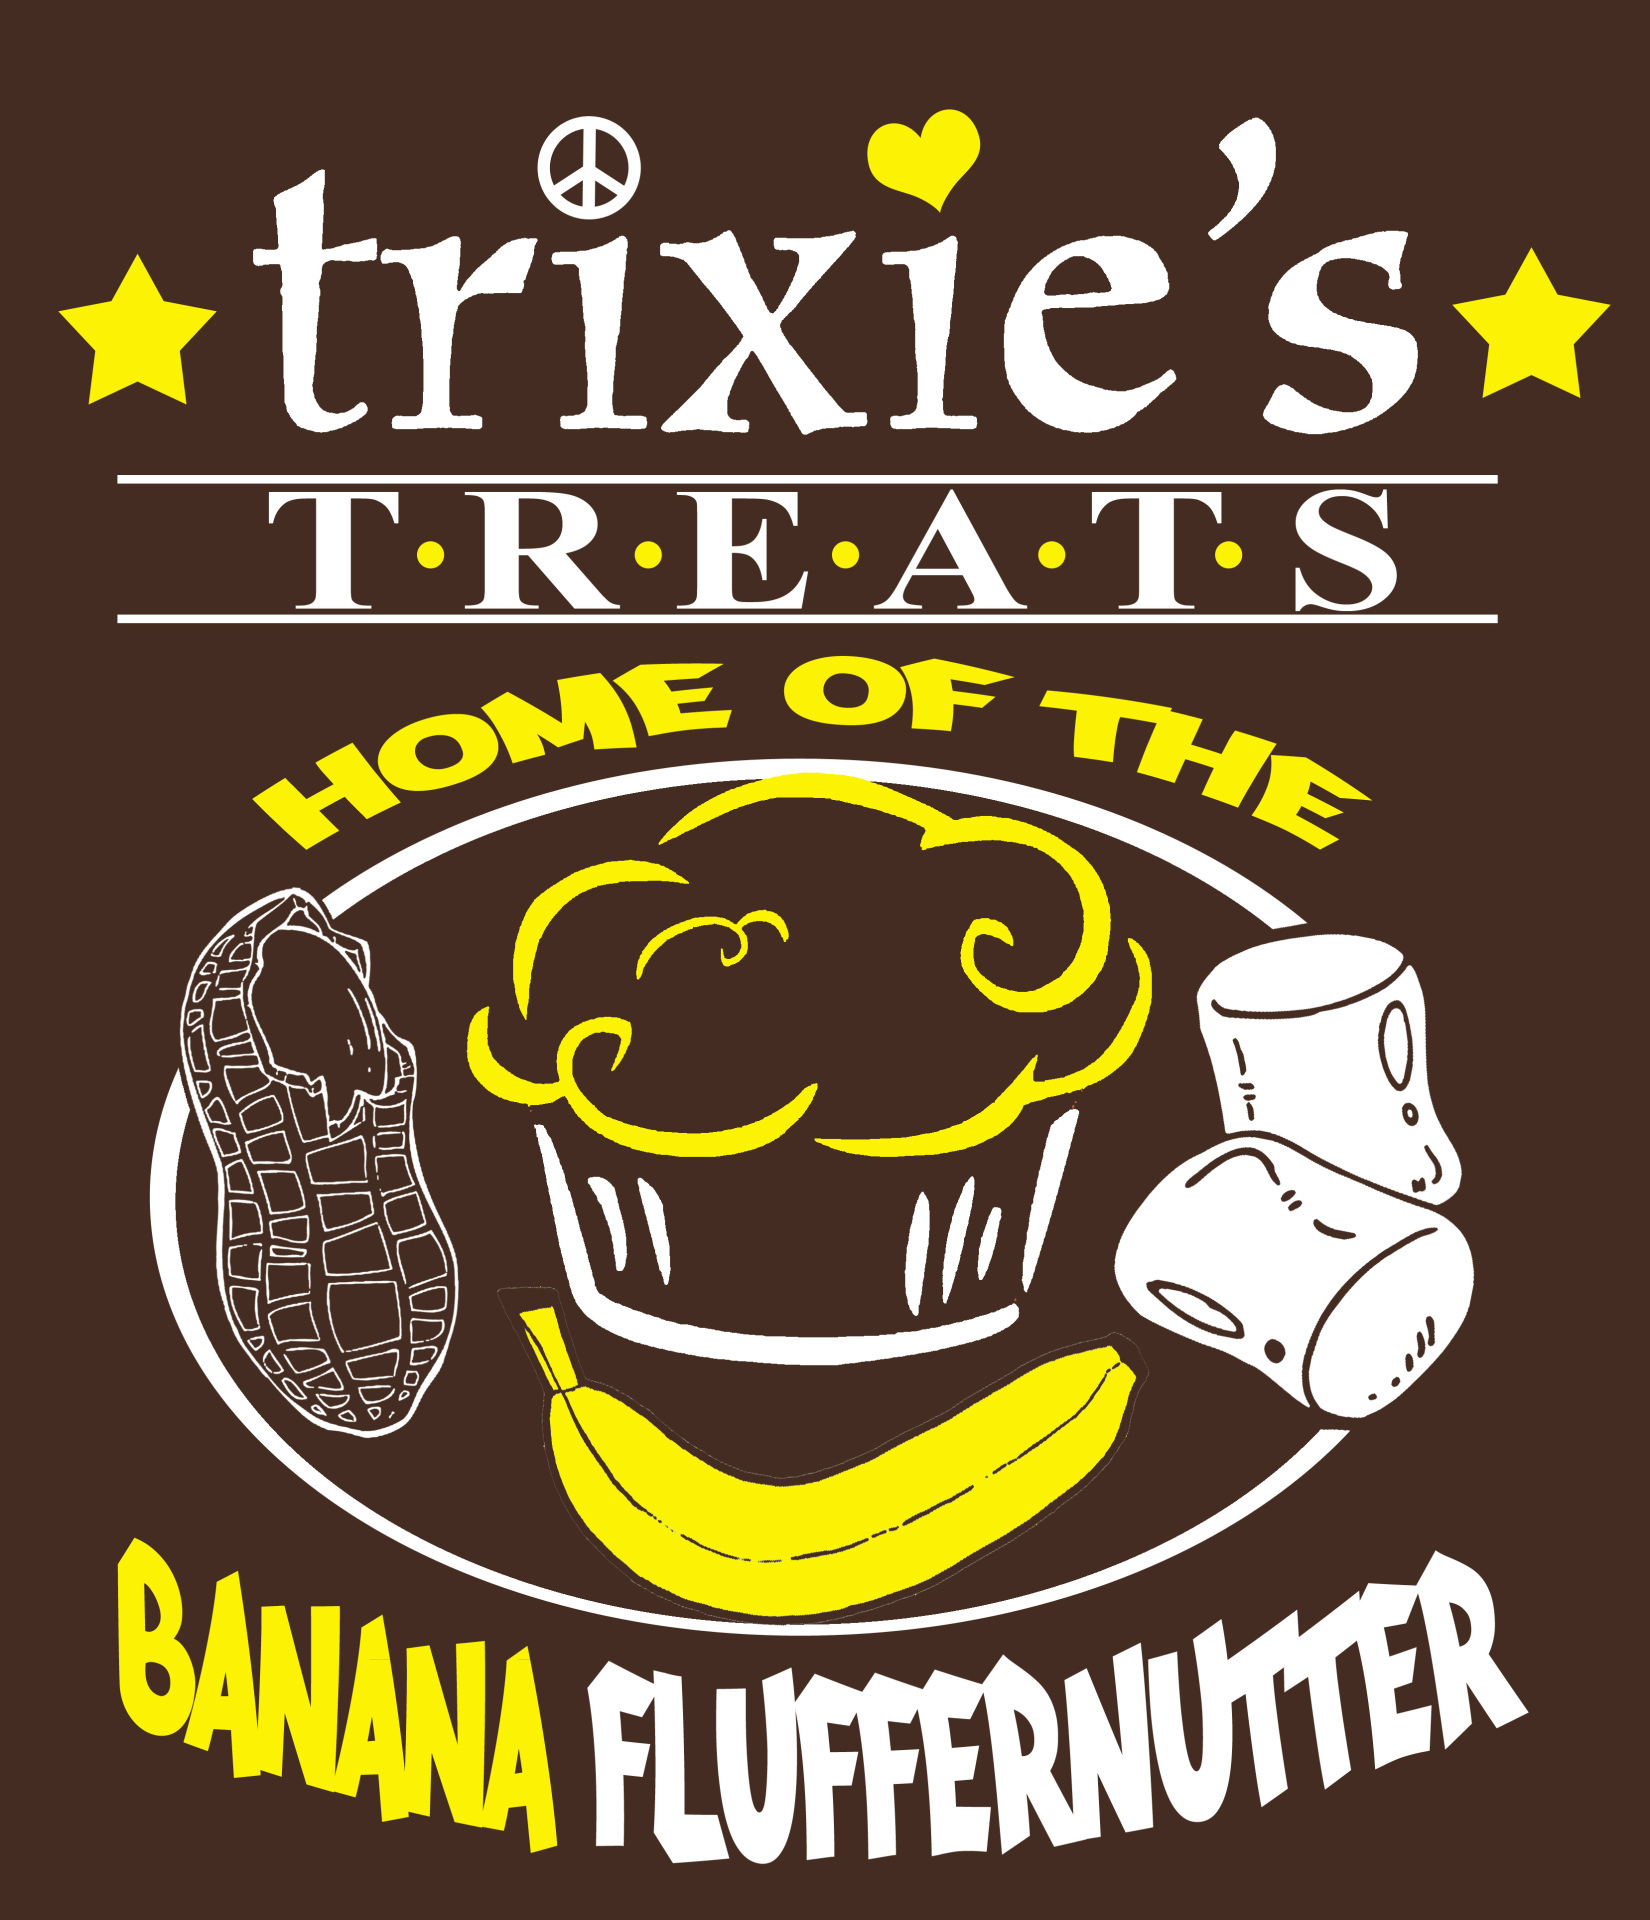 Banana Fluufer Nutter Shirt $15